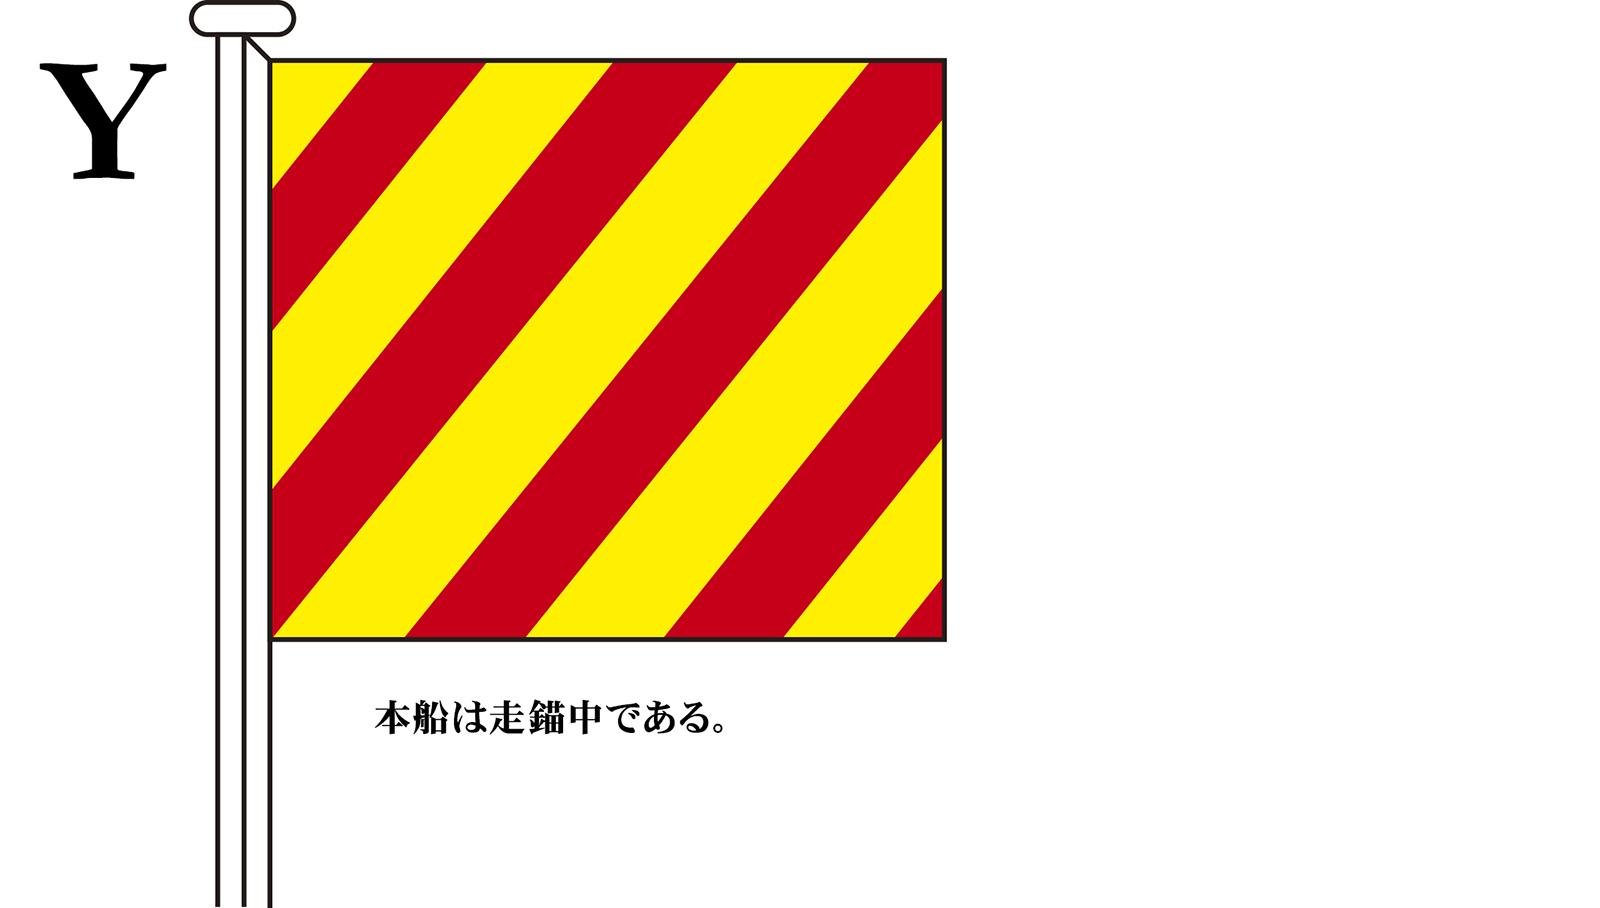 国際信号旗 文字旗 Alphabetical Flags【Y】[2巾:90×120cm・アクリル]